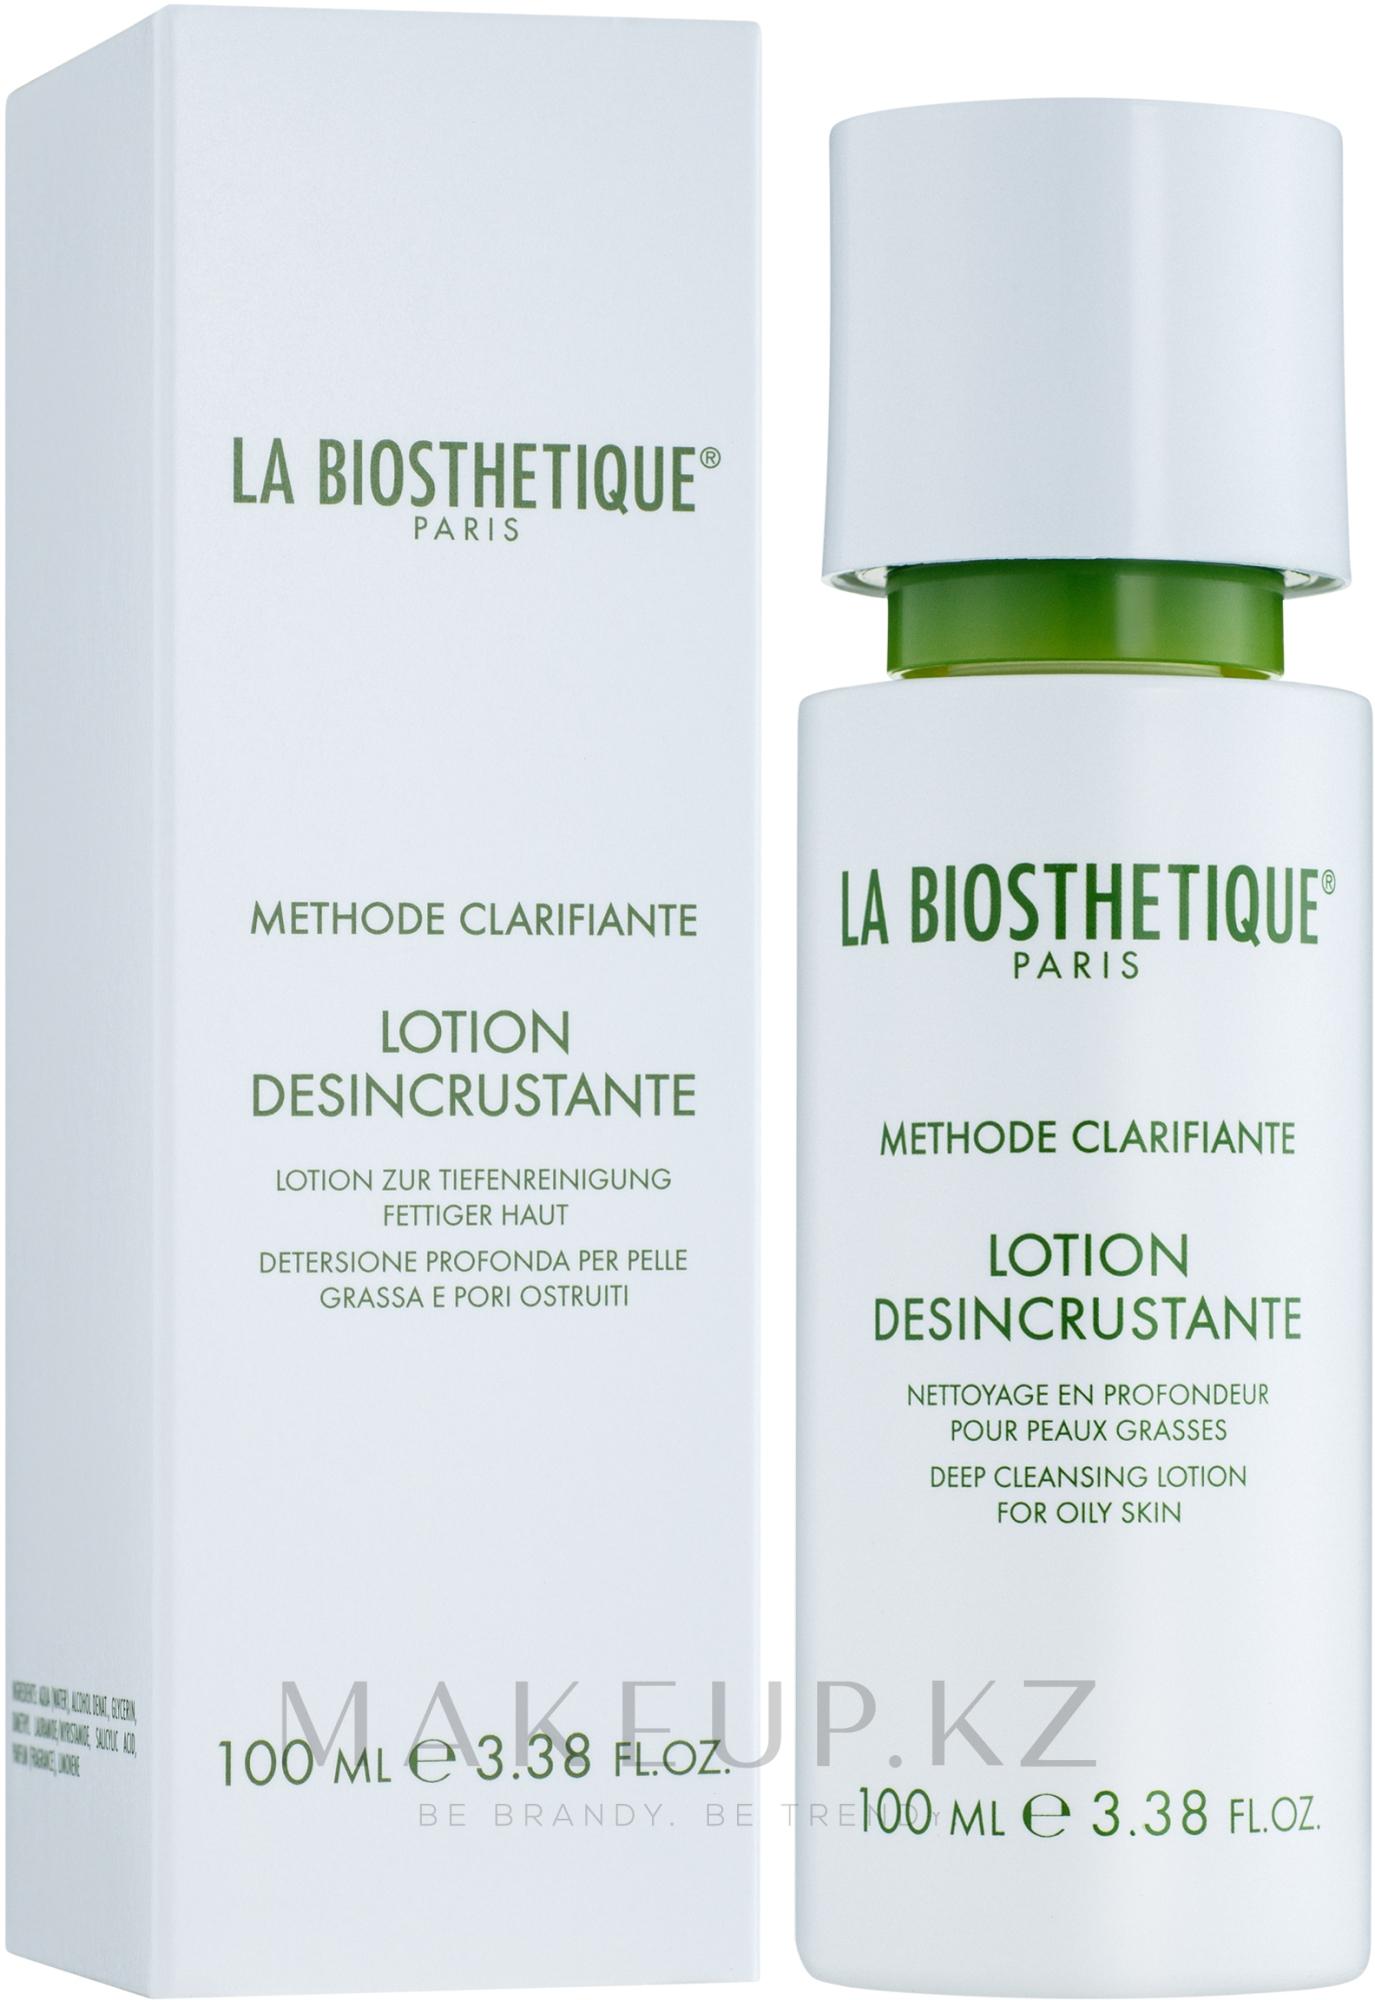 Глубоко очищающий лосьон для жирной кожи - La Biosthetique Methode Clarifiante Lotion Desincrustante — фото 100 ml